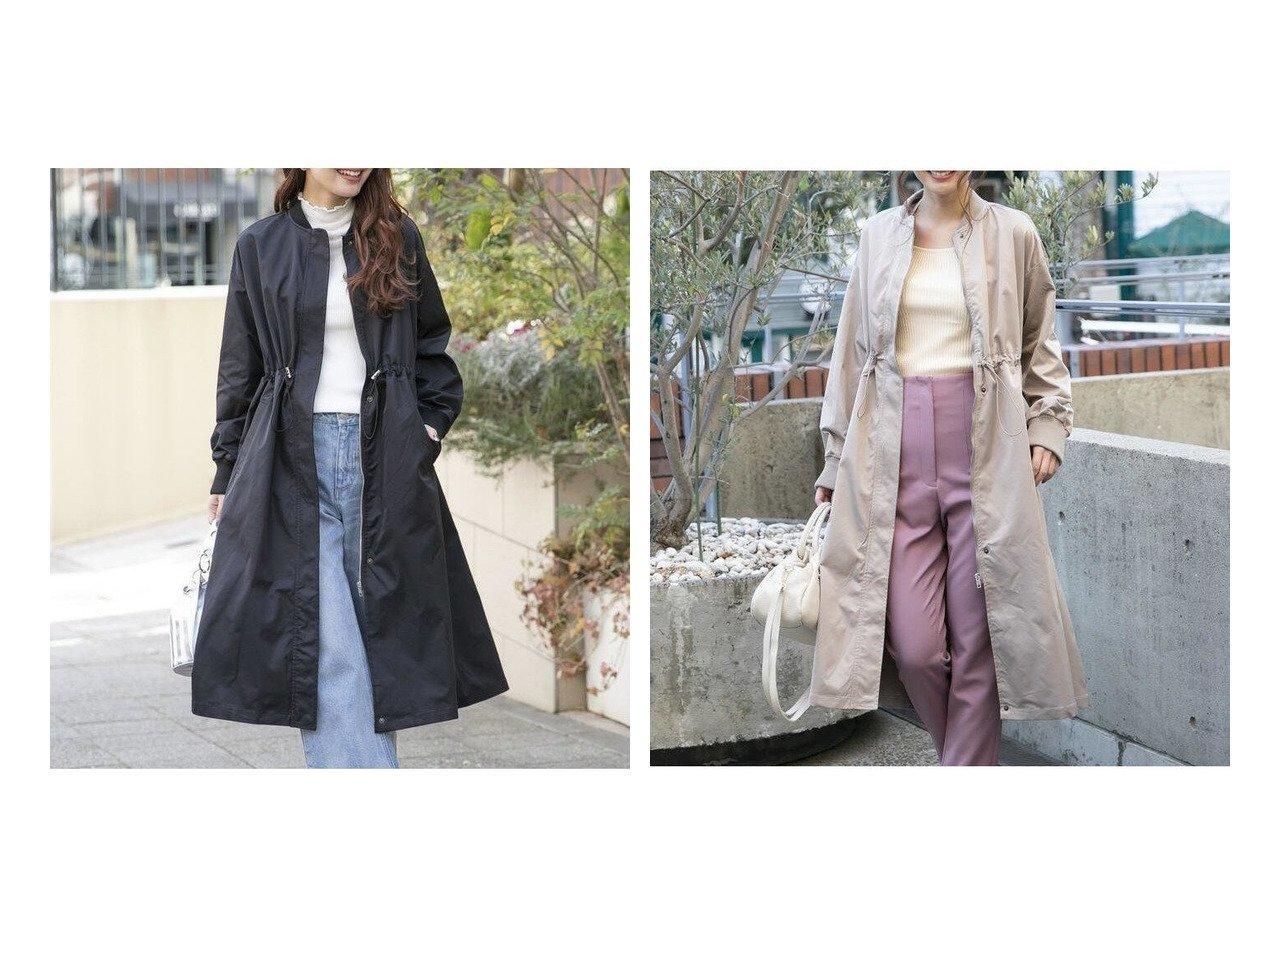 【VICKY/ビッキー】のジップアップスプリングコート《手洗い可能》 【アウター】おすすめ!人気、トレンド・レディースファッションの通販    レディースファッション・服の通販 founy(ファニー)